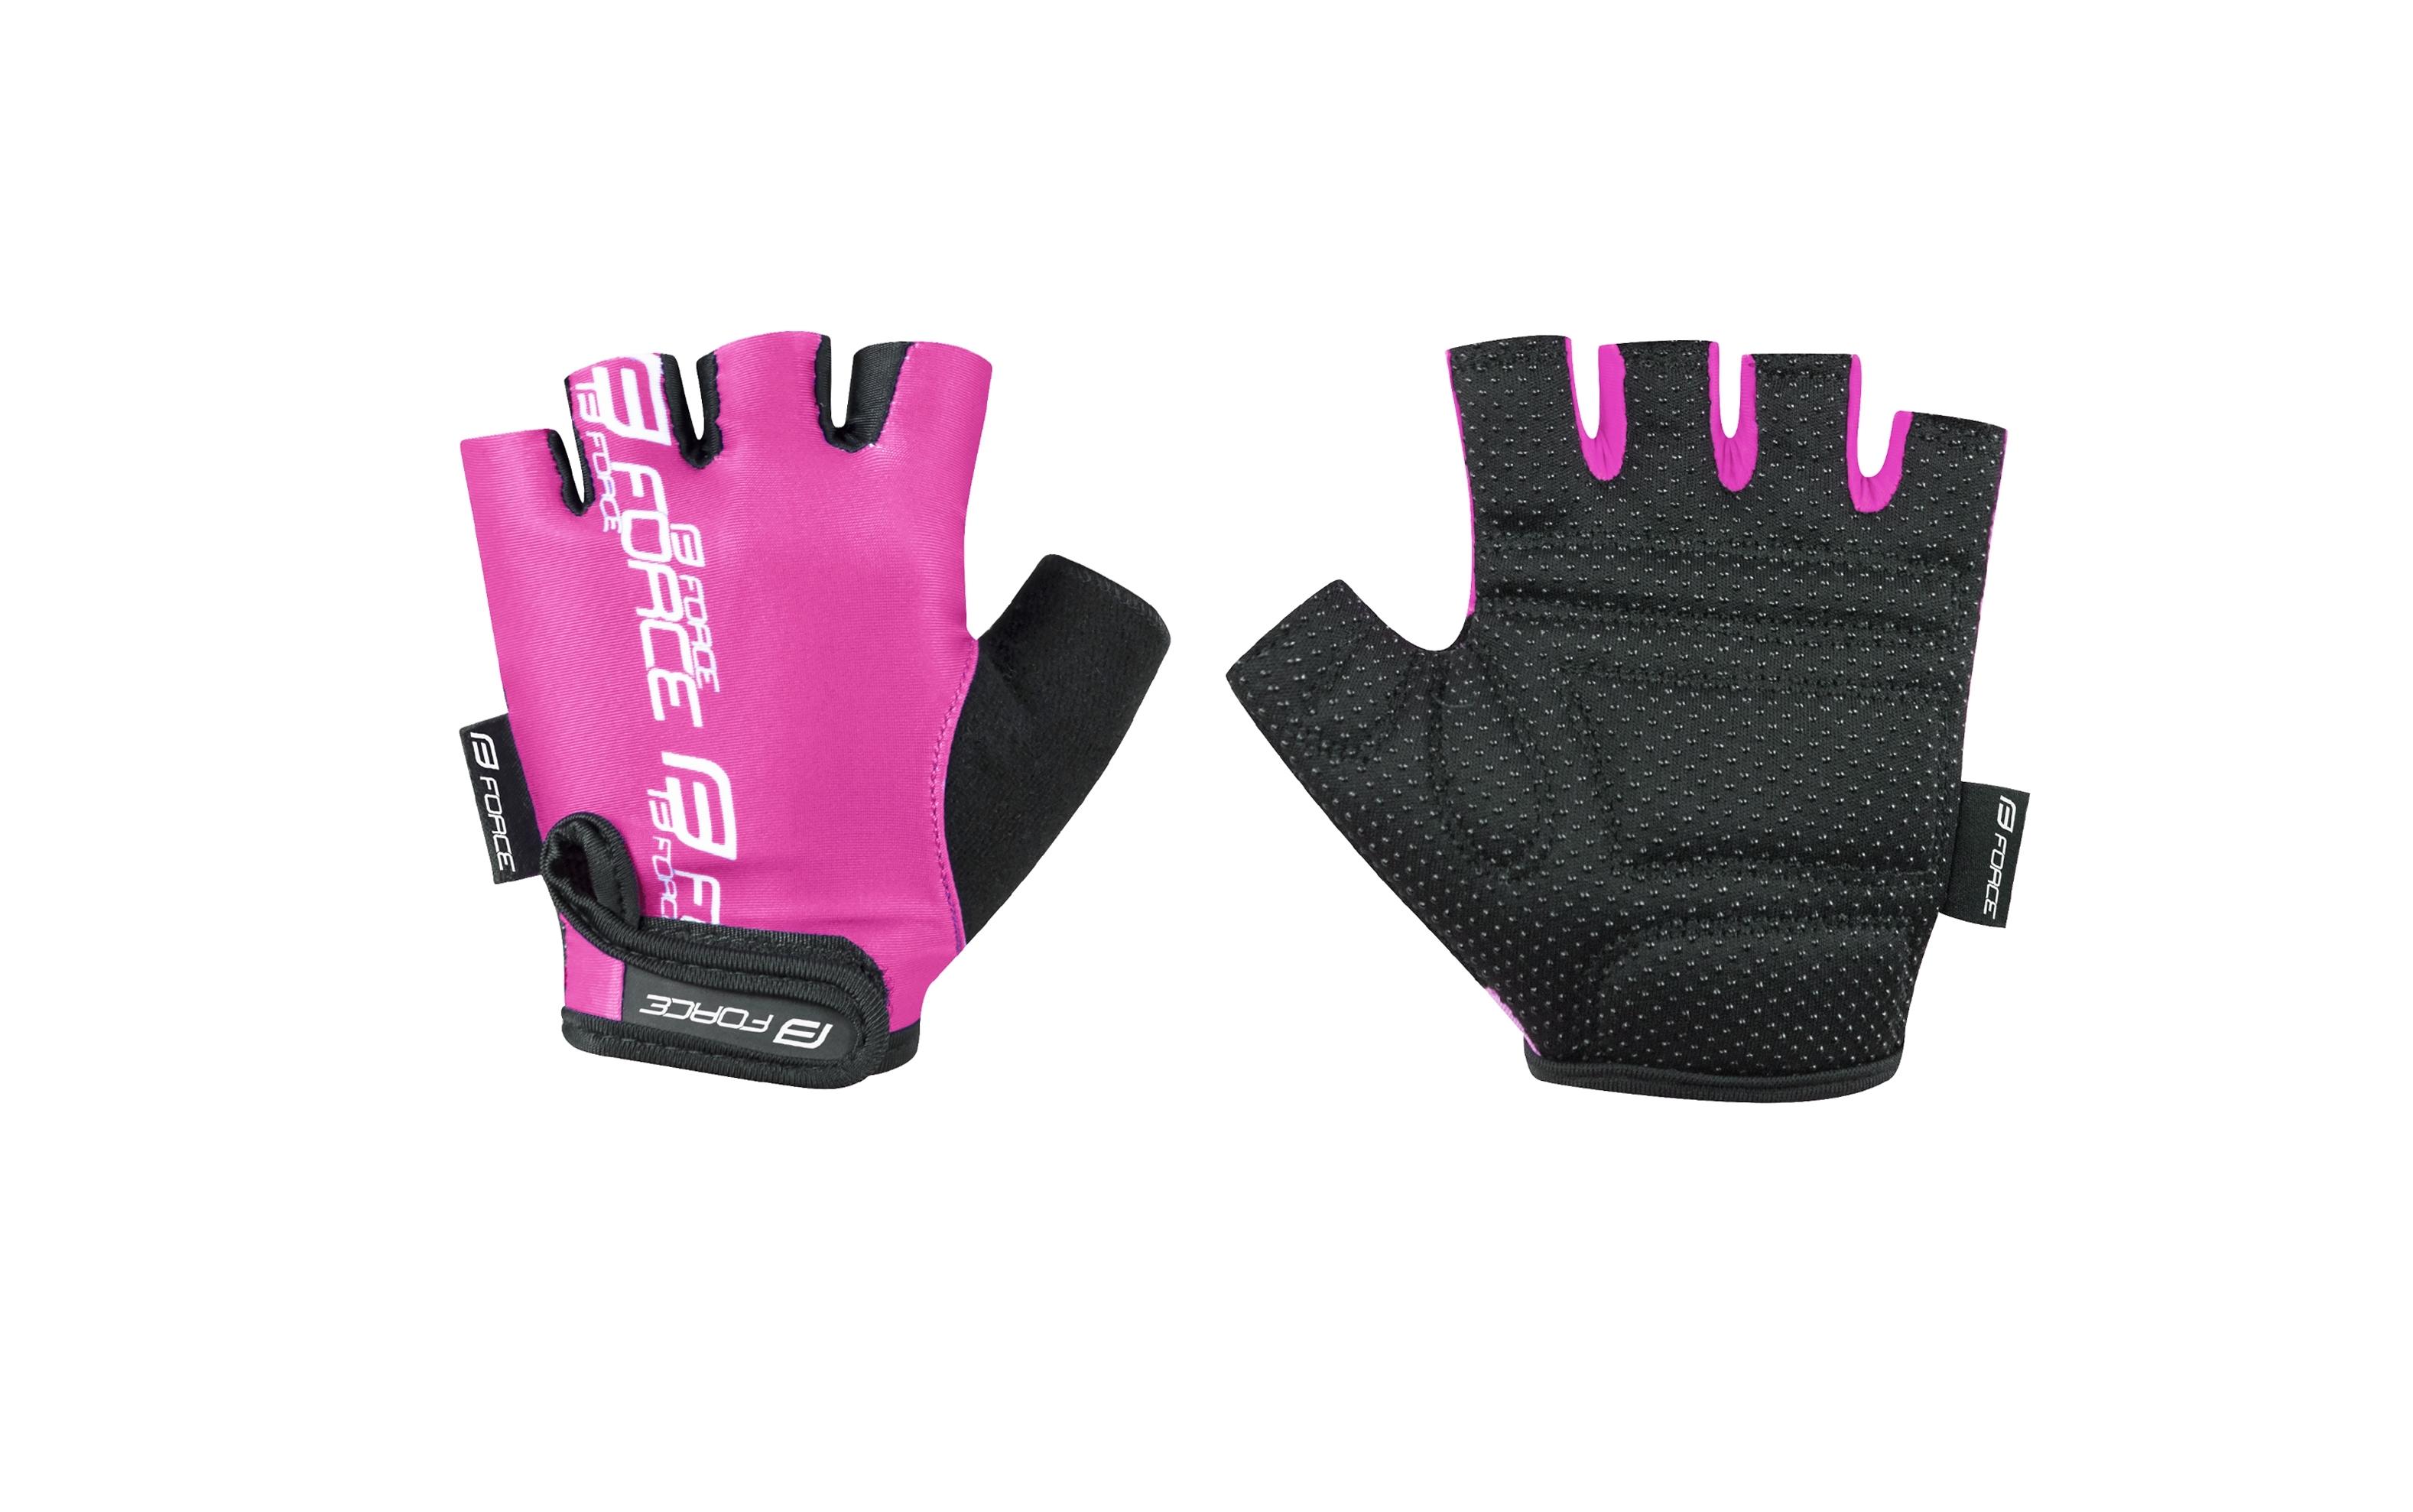 rukavice FORCE KID dětské, růžové XL